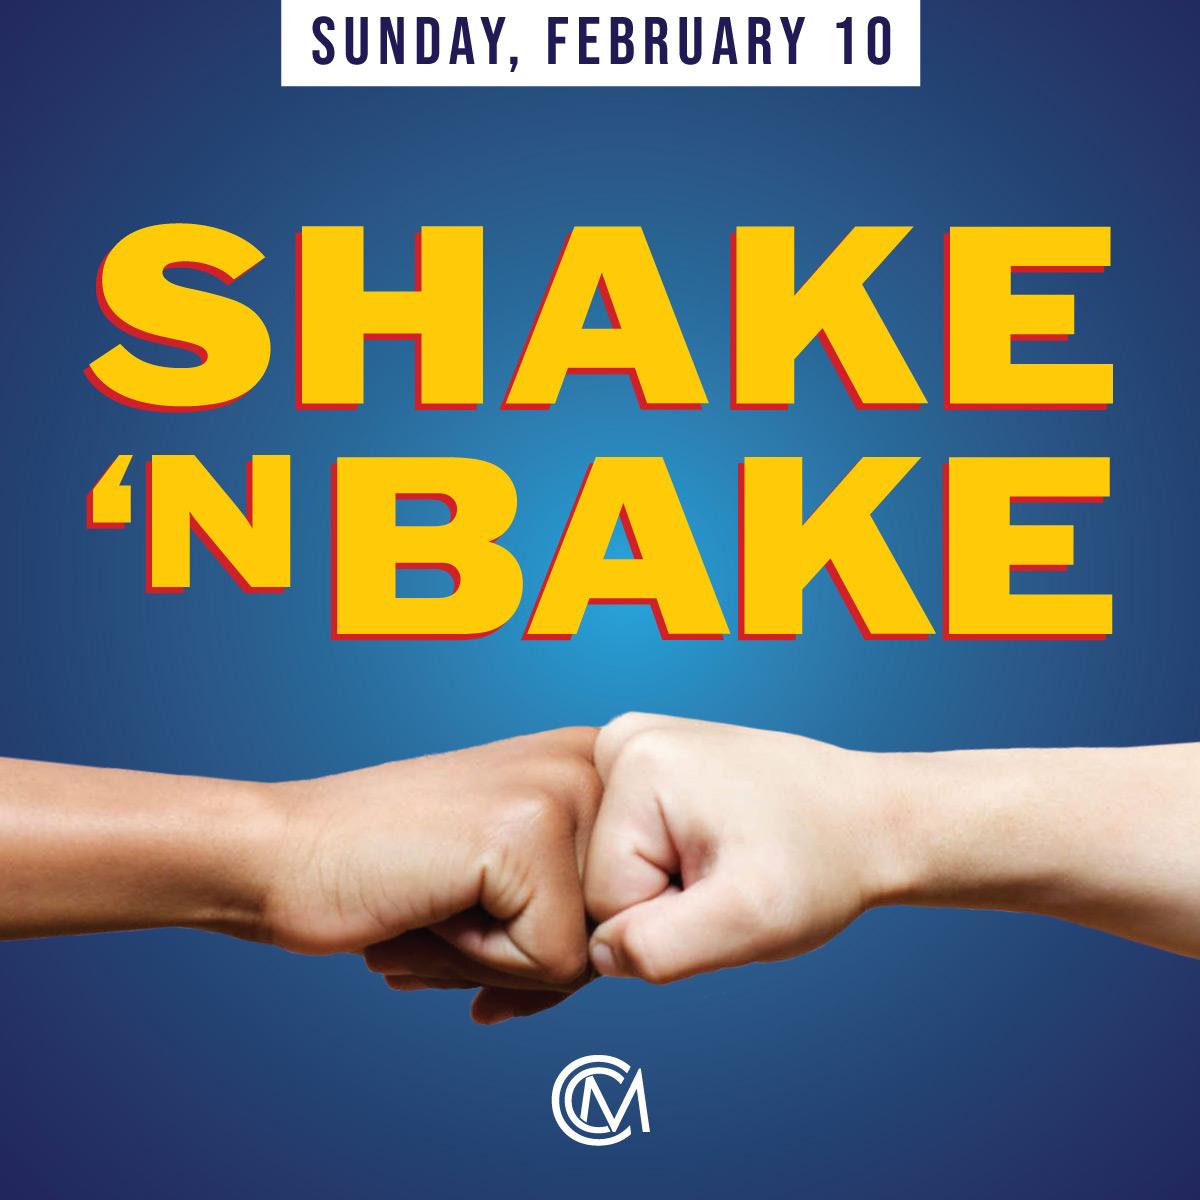 CCM-Feb10Shake&Bake.jpg